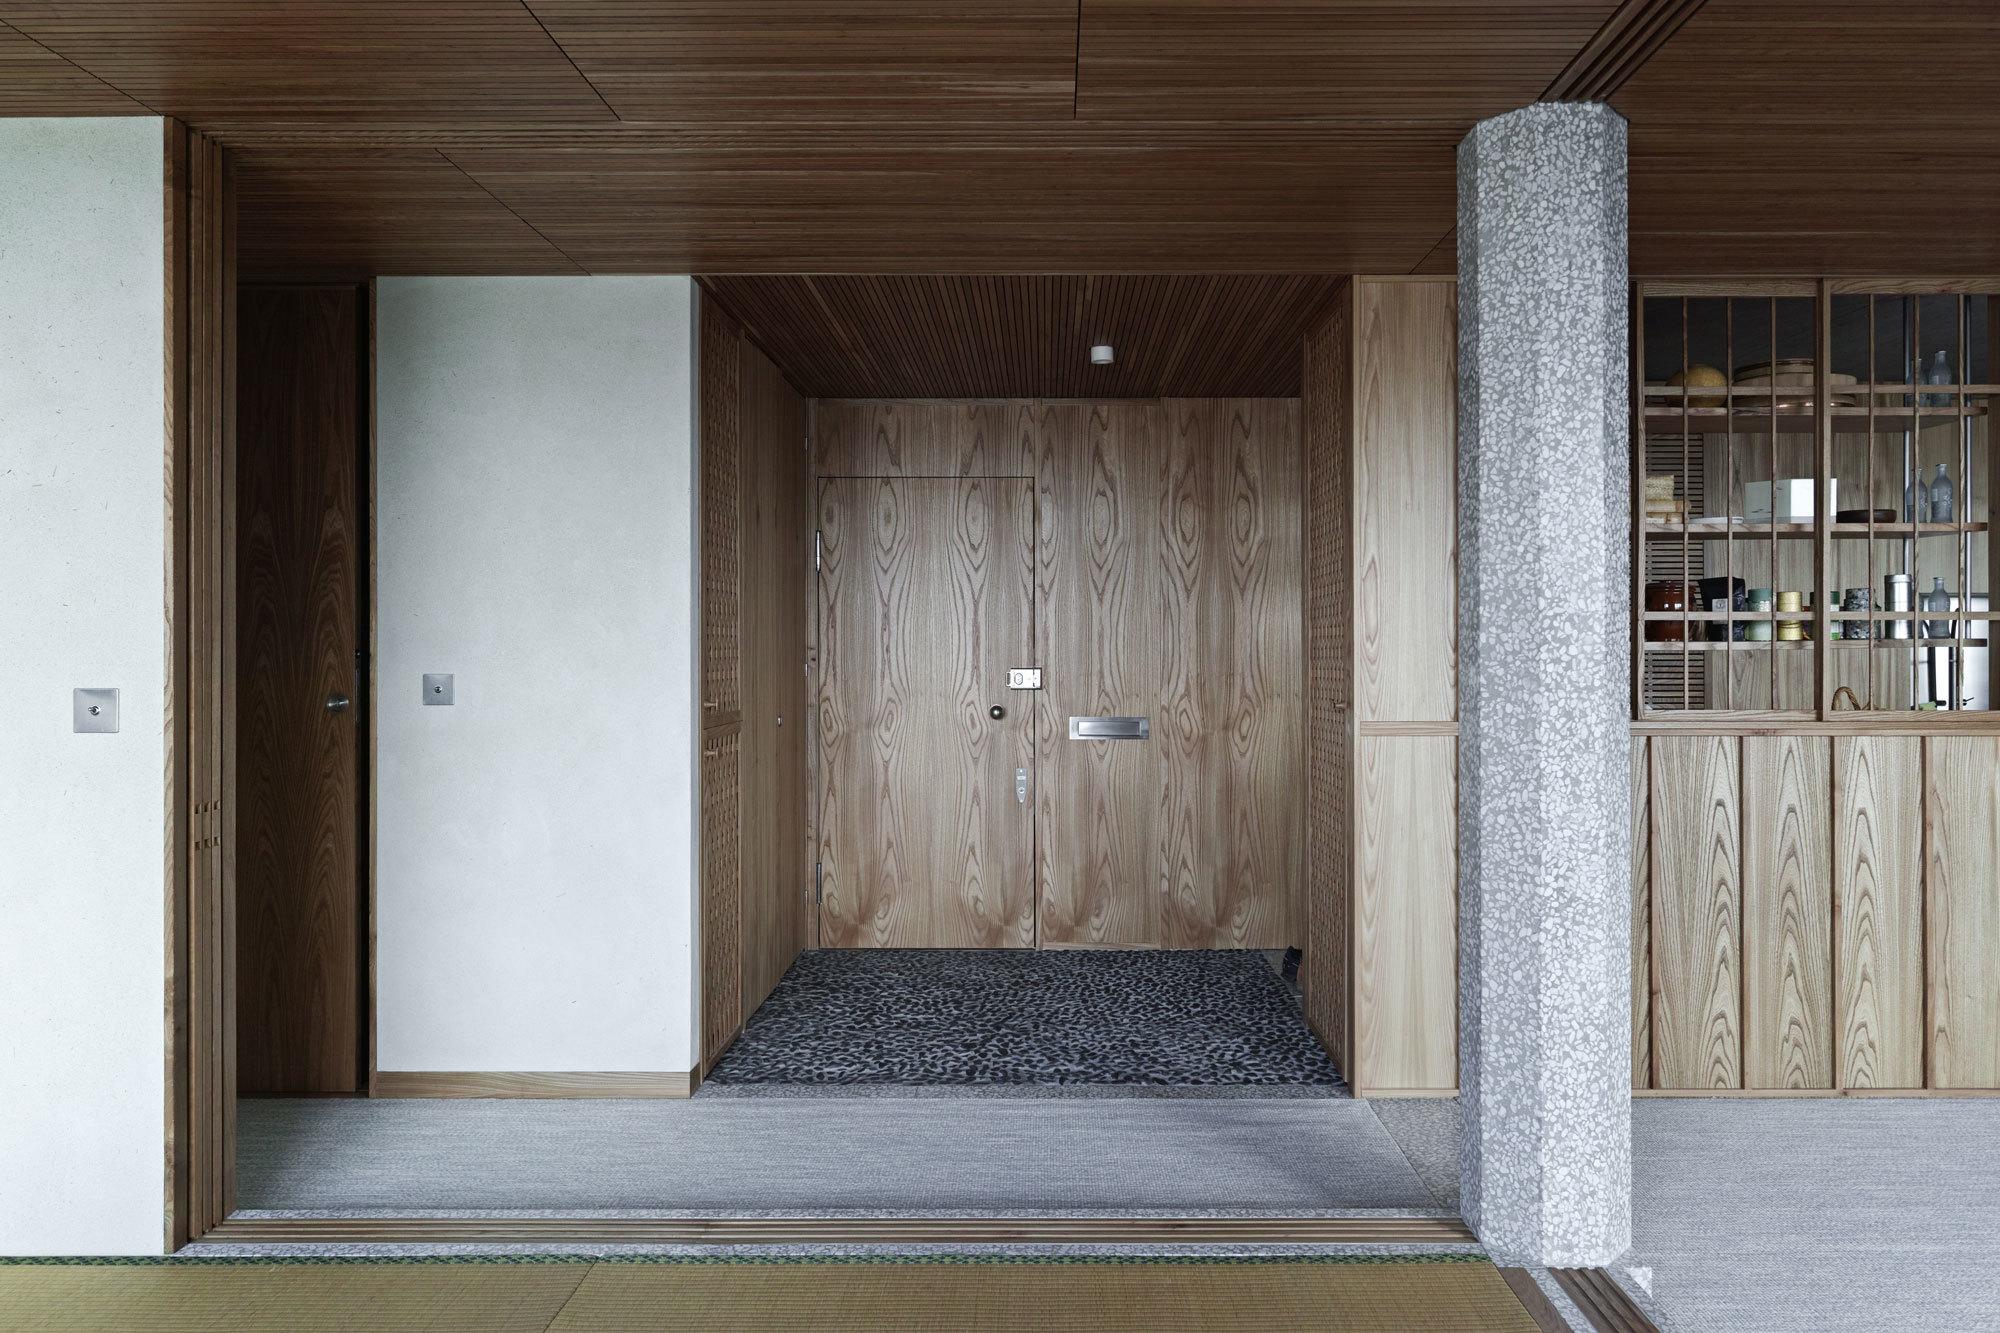 Eine mit Terrazzo verkleidete Säule und die variierenden Oberflächen auf dem Boden sorgen für optische Gliederungen des Apartments.